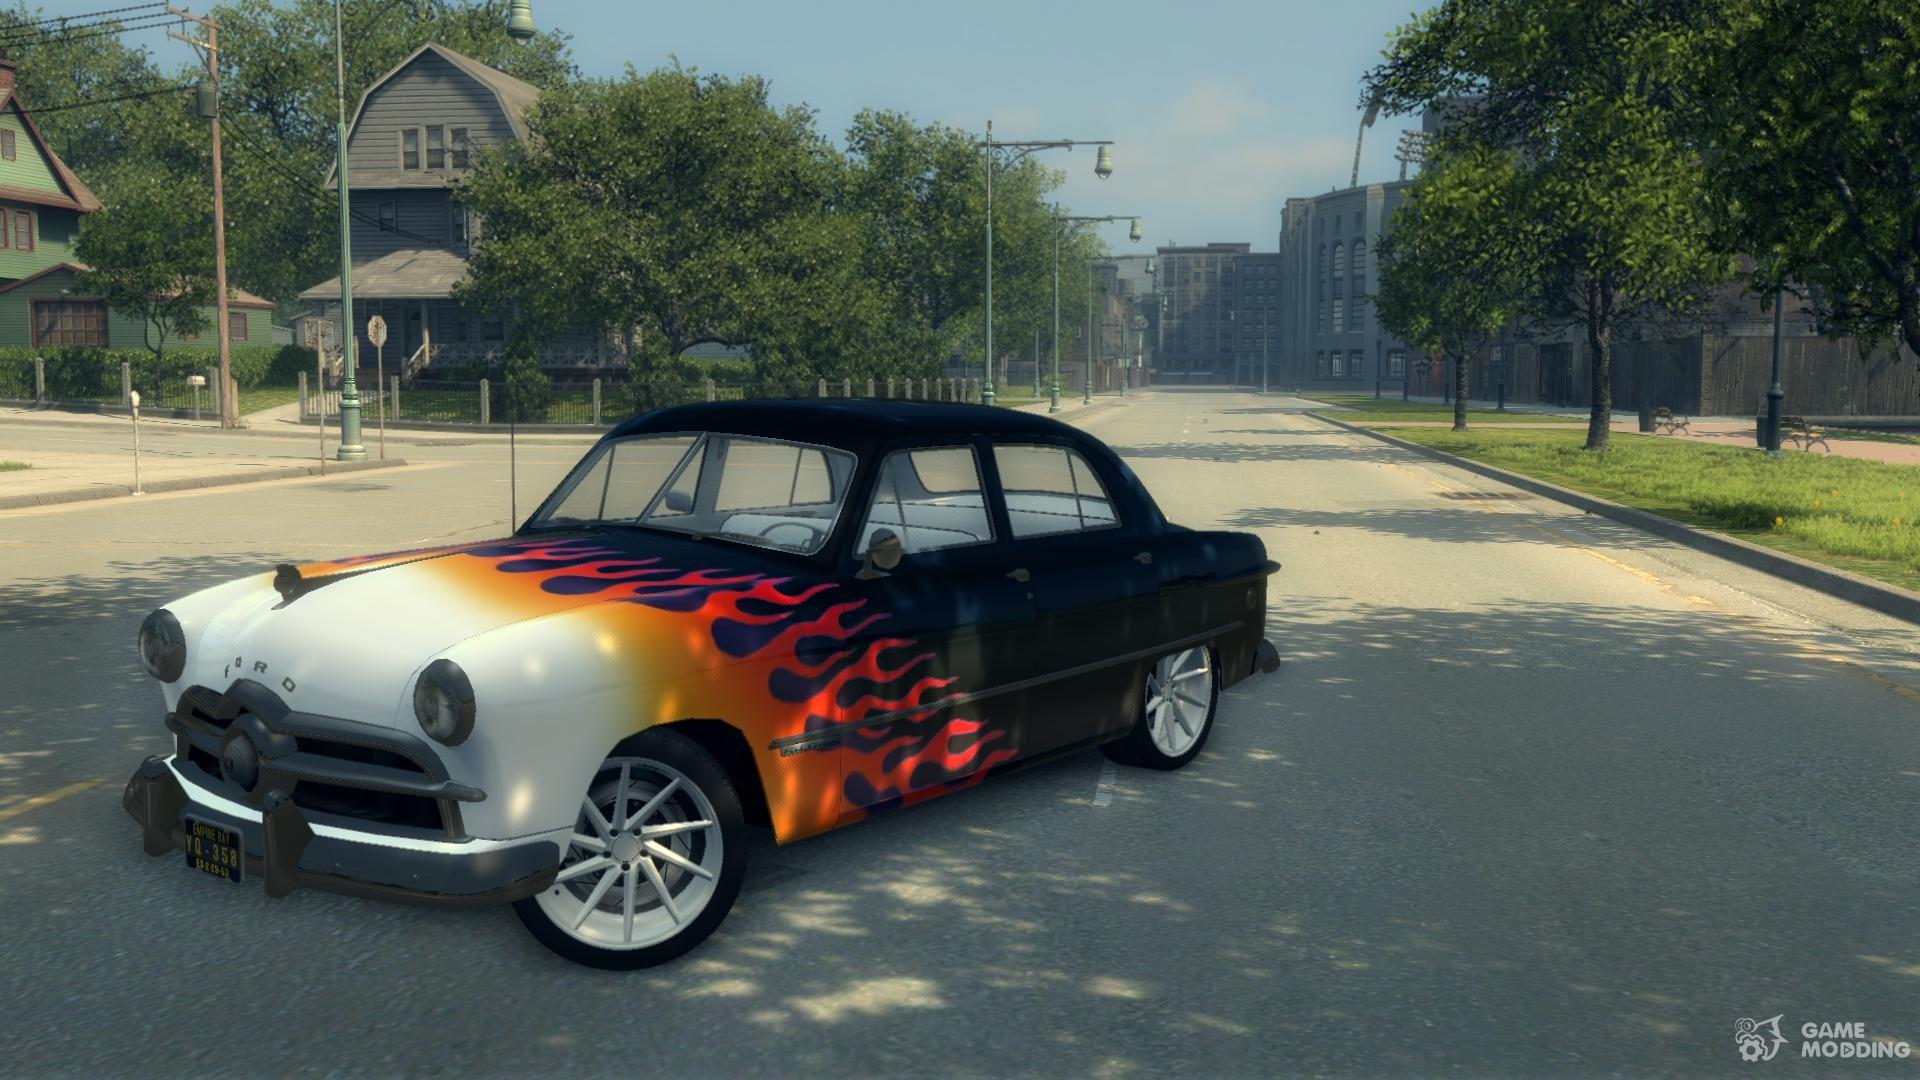 Mafia 2 Cars Mod